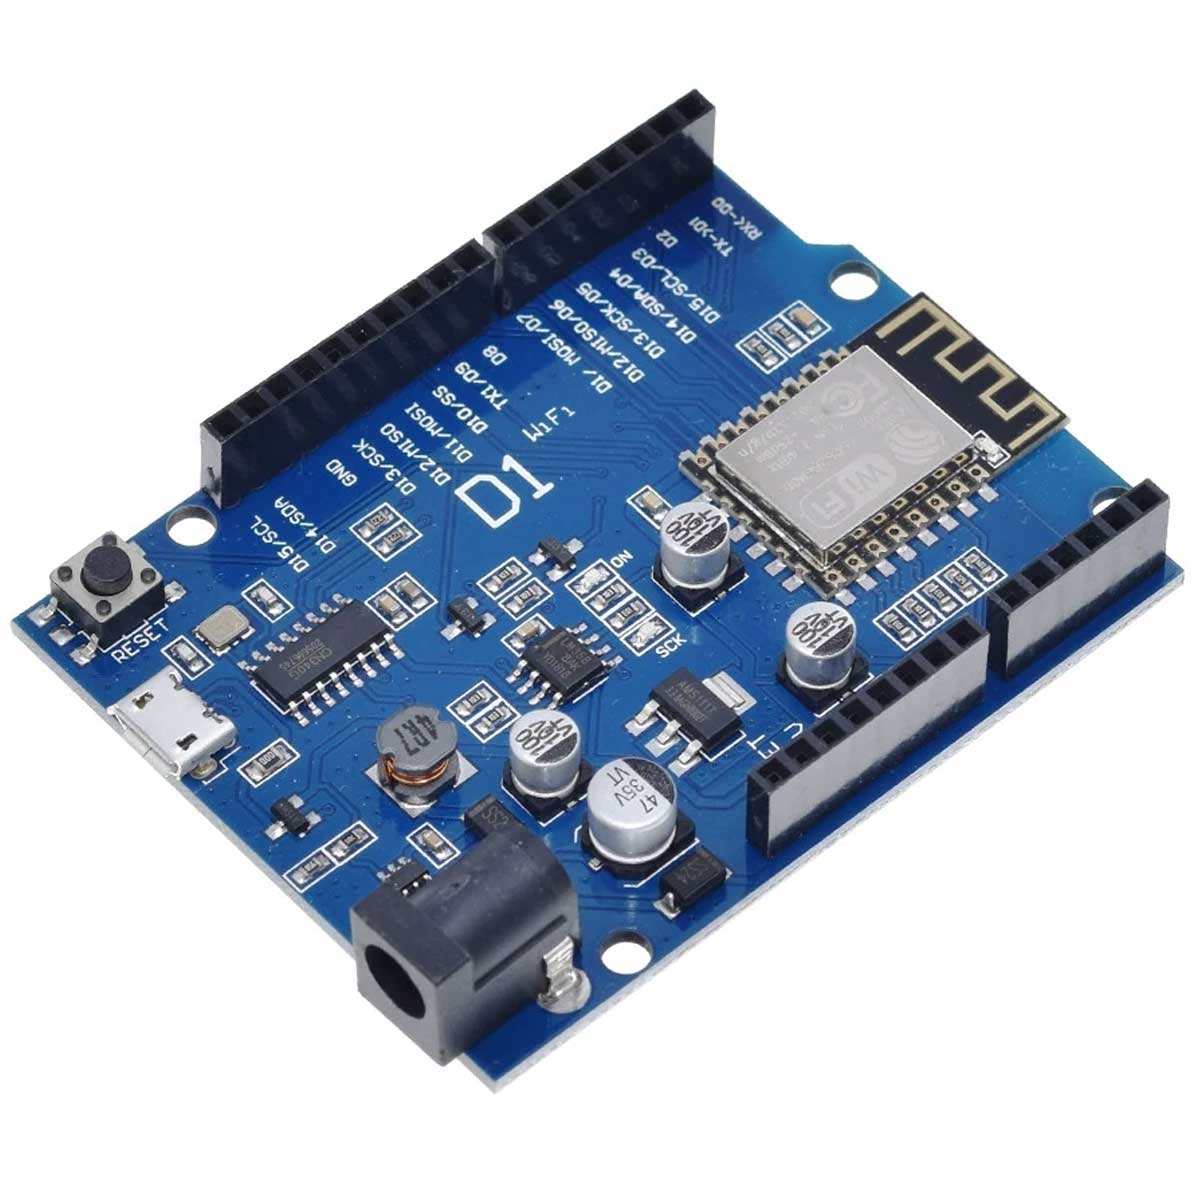 Placa WeMos D1 R2 Wifi ESP8266 compatível com Arduino e ESP8266